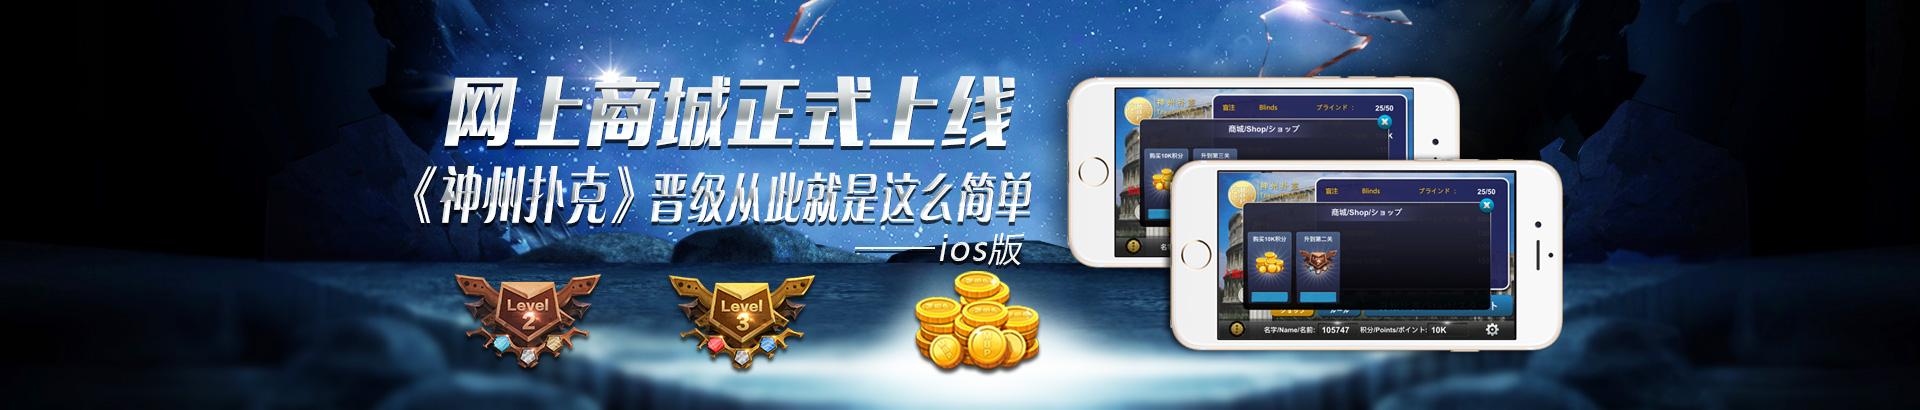 《神州扑克》IOS版网上商城正式上线